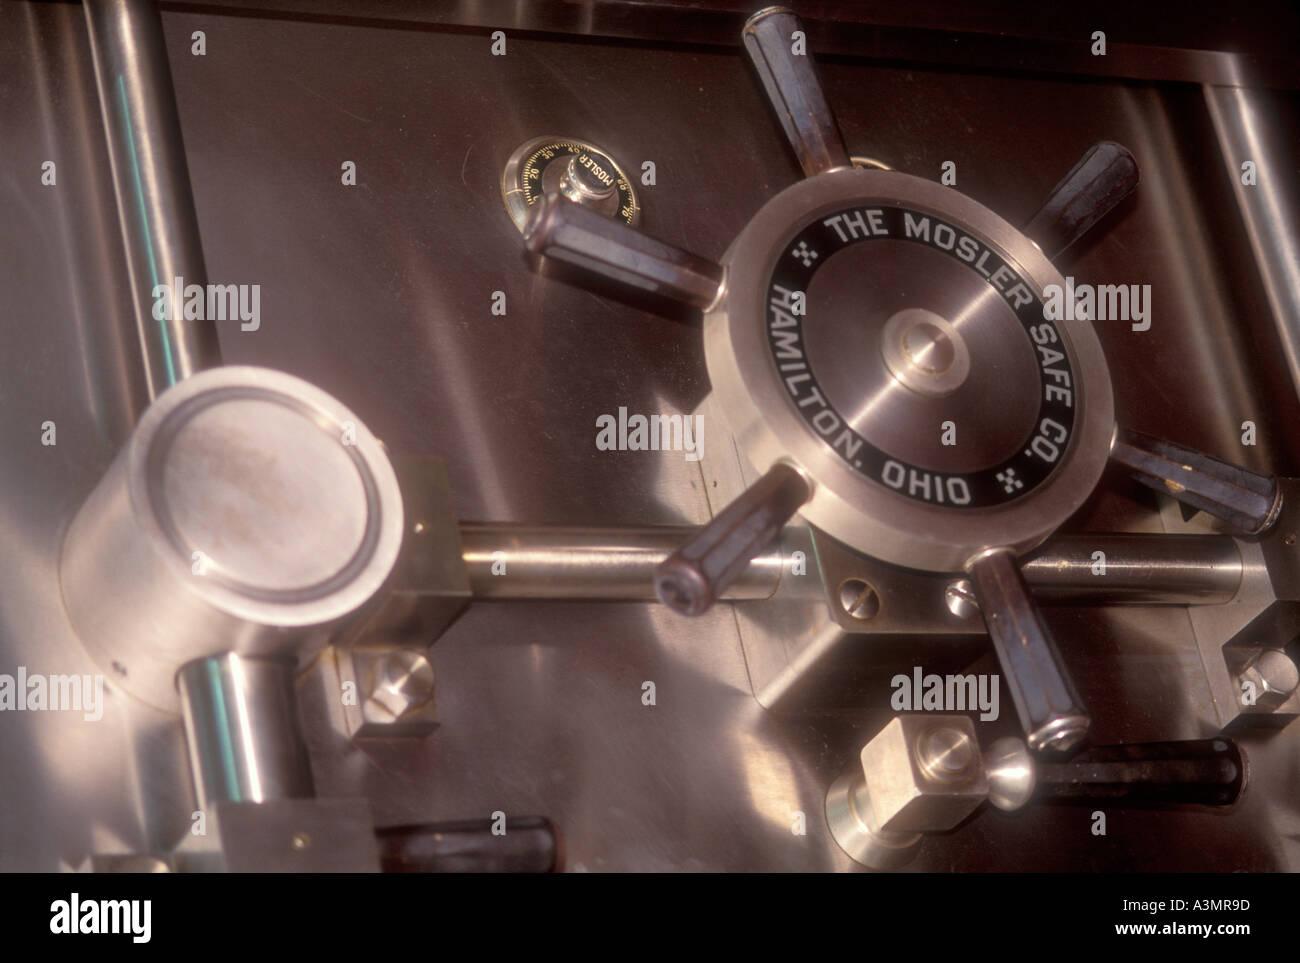 large metal vault door in bank - Stock Image